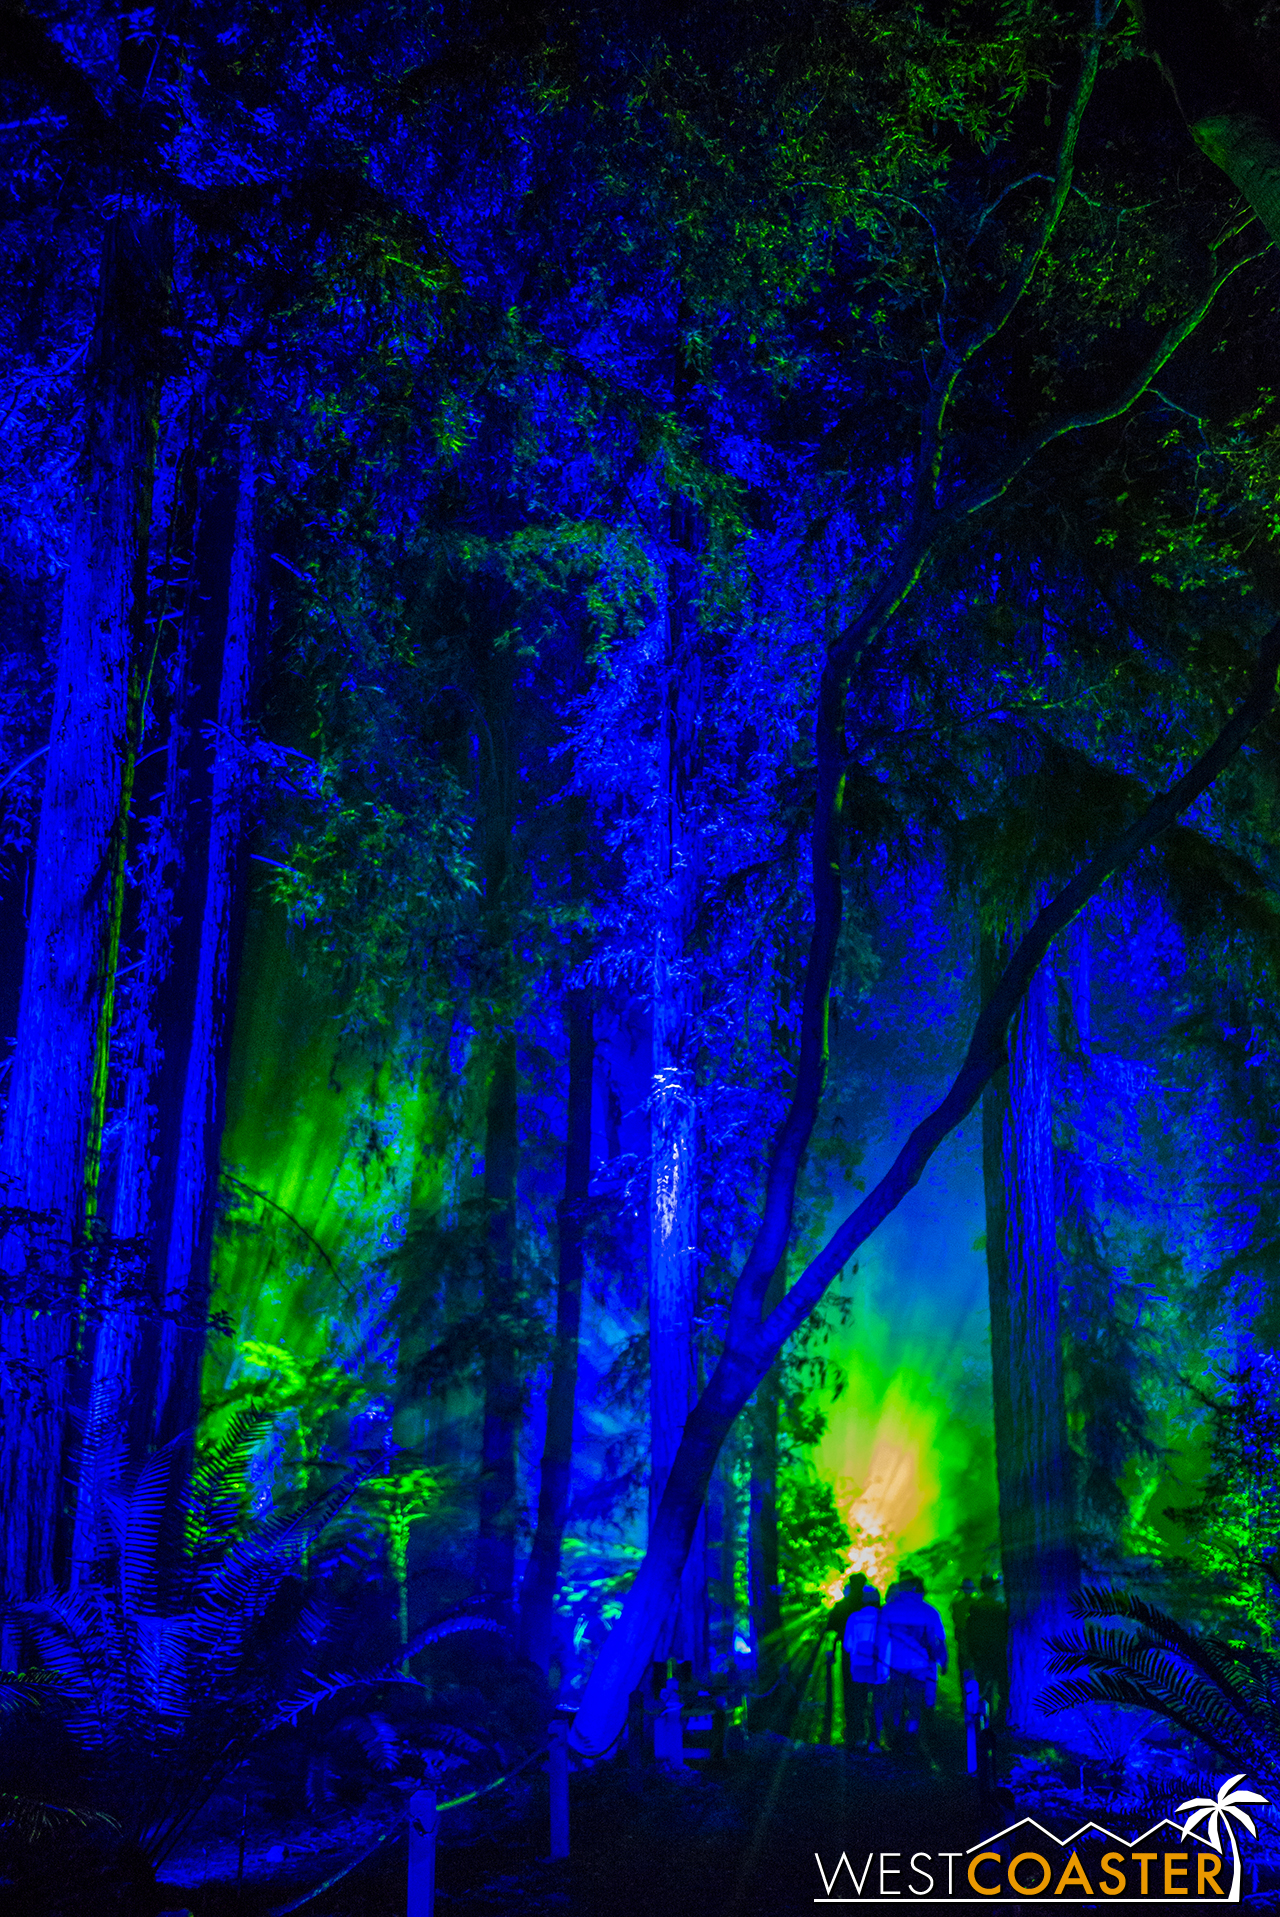 Descanso-17_1201-08-AncientForest-0004.jpg